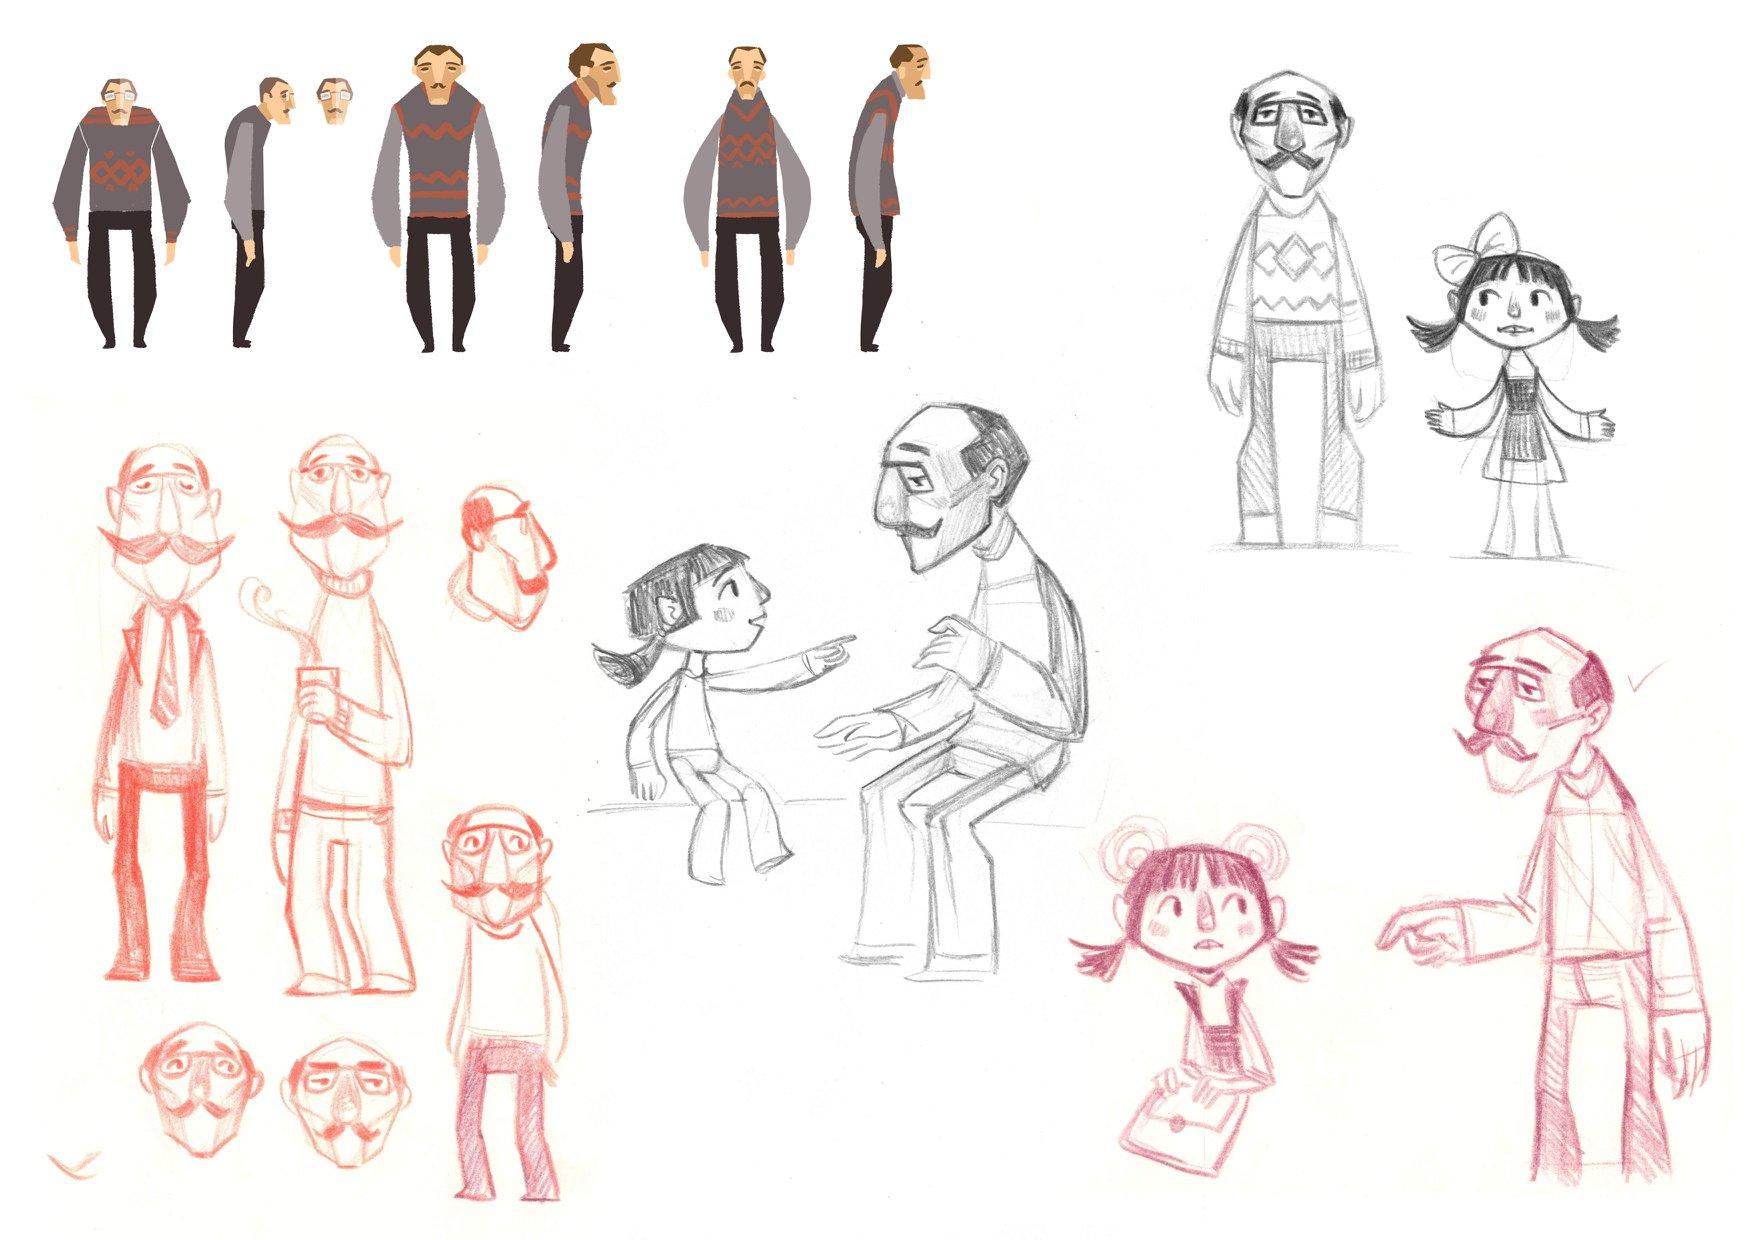 """scurtmetrajul animat """"opinci"""" scoate la lumina povestea unei calatorii extraordinare Scurtmetrajul animat """"Opinci"""" scoate la lumina povestea unei calatorii extraordinare #makingof #cronica #video Opinci 4"""